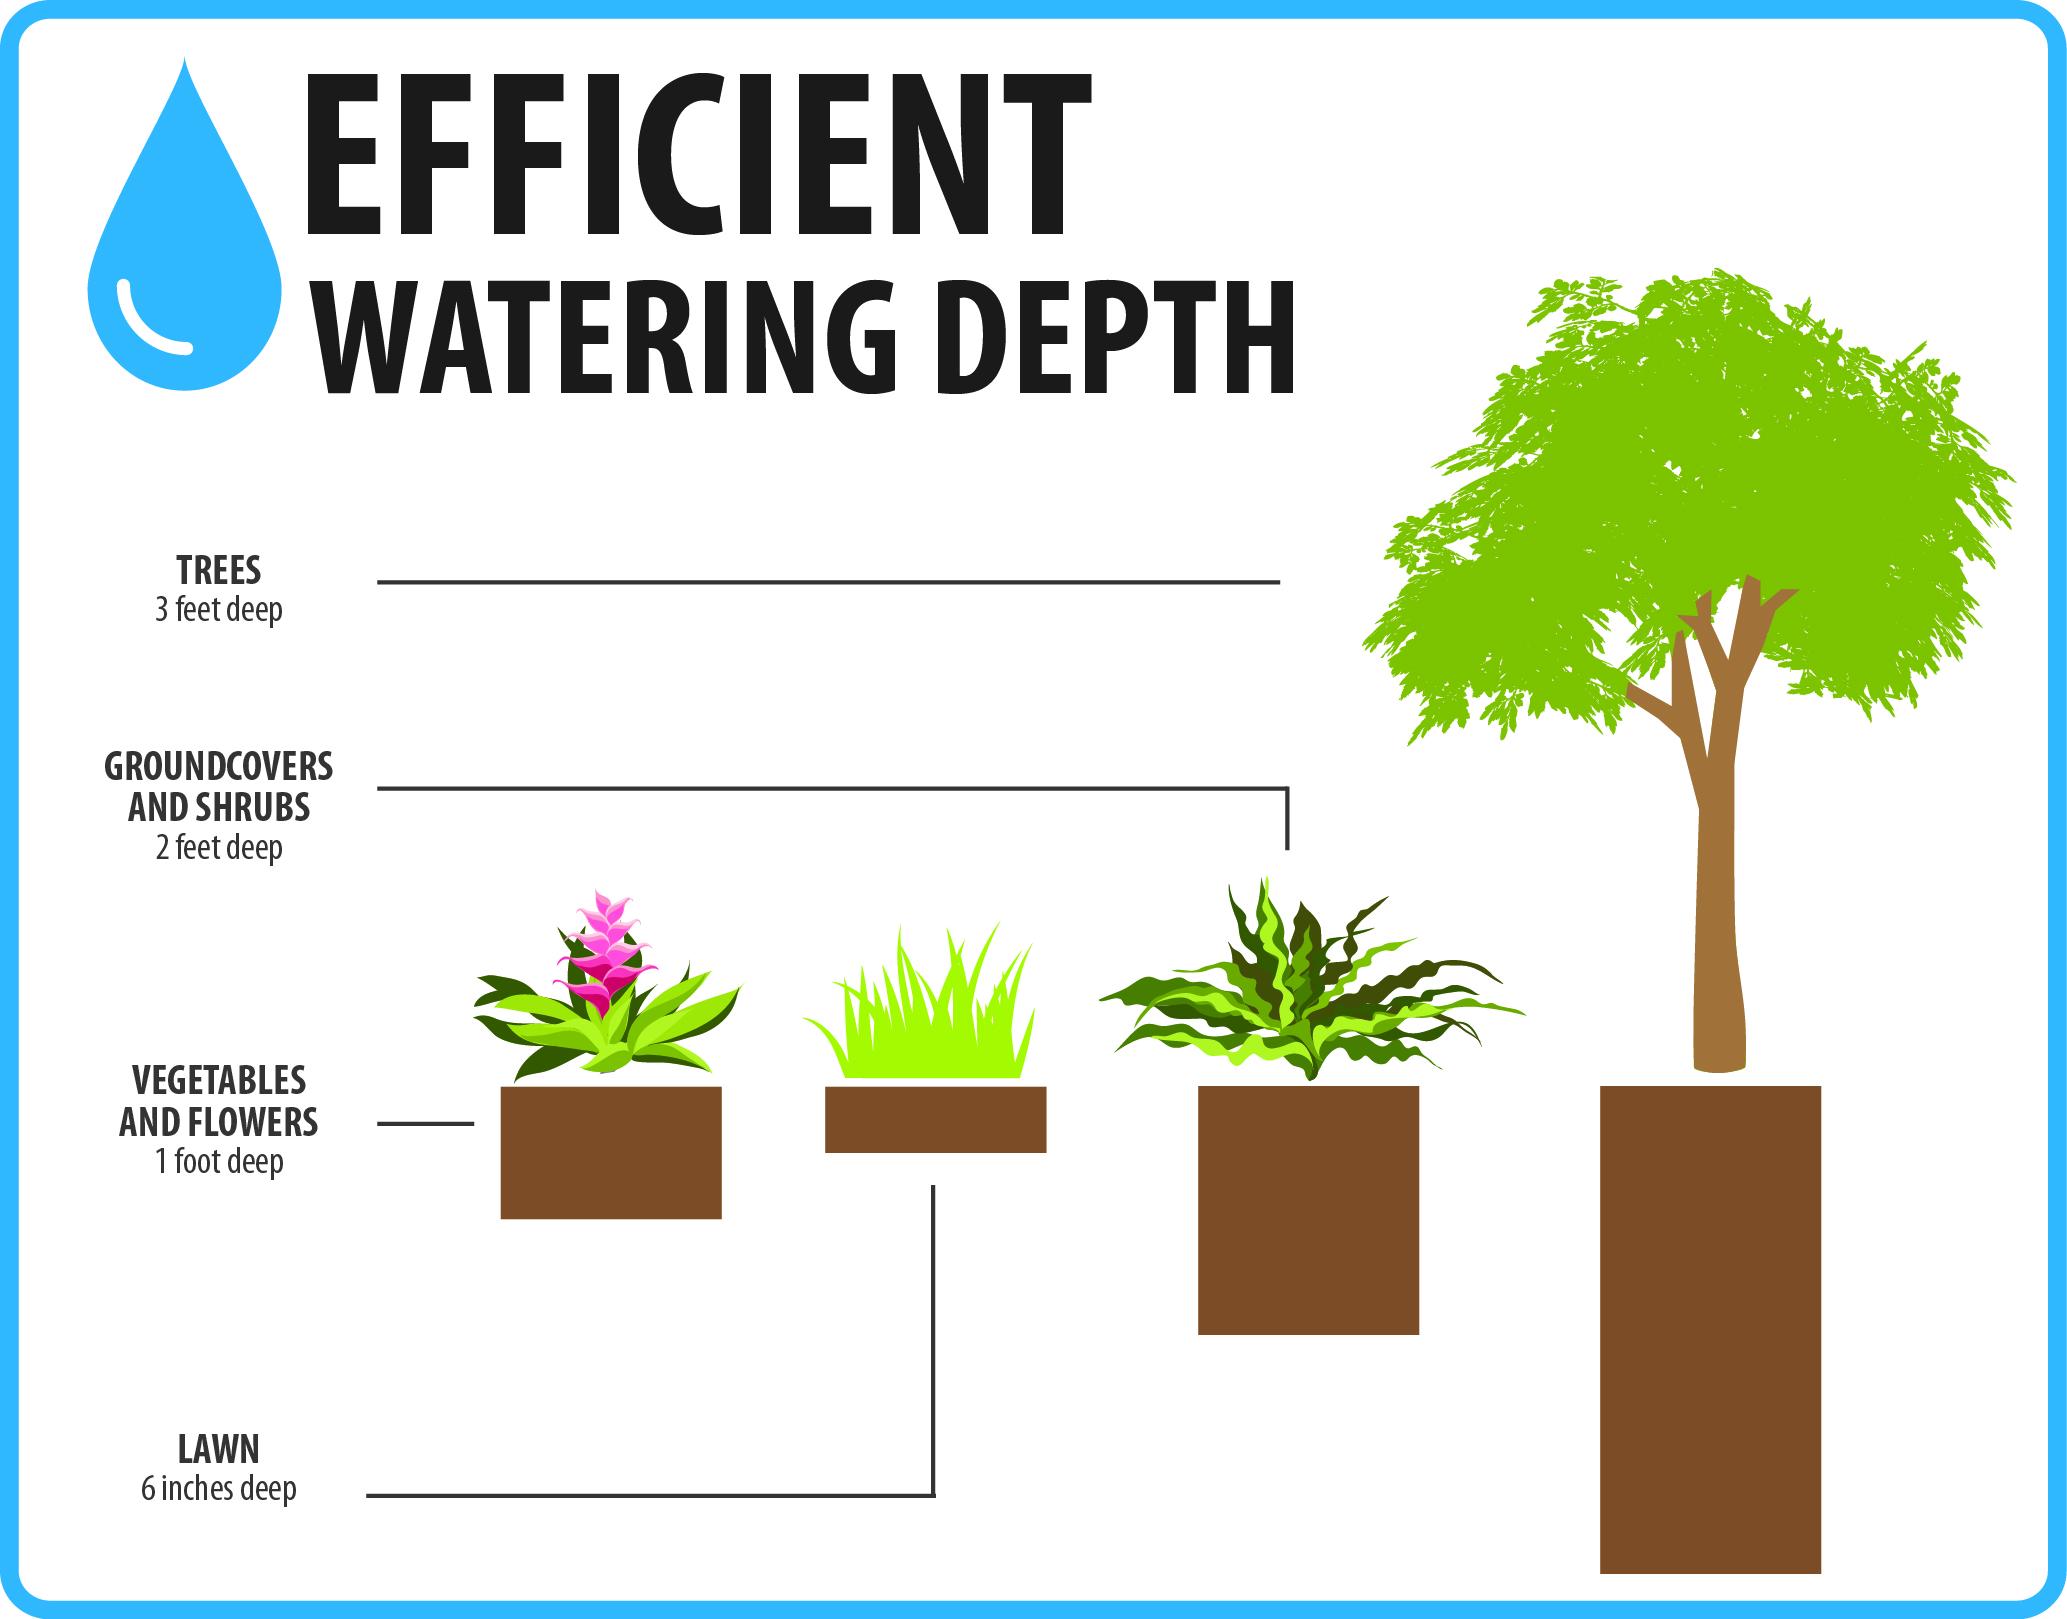 Efficient-Watering-Depth-pg24.jpg